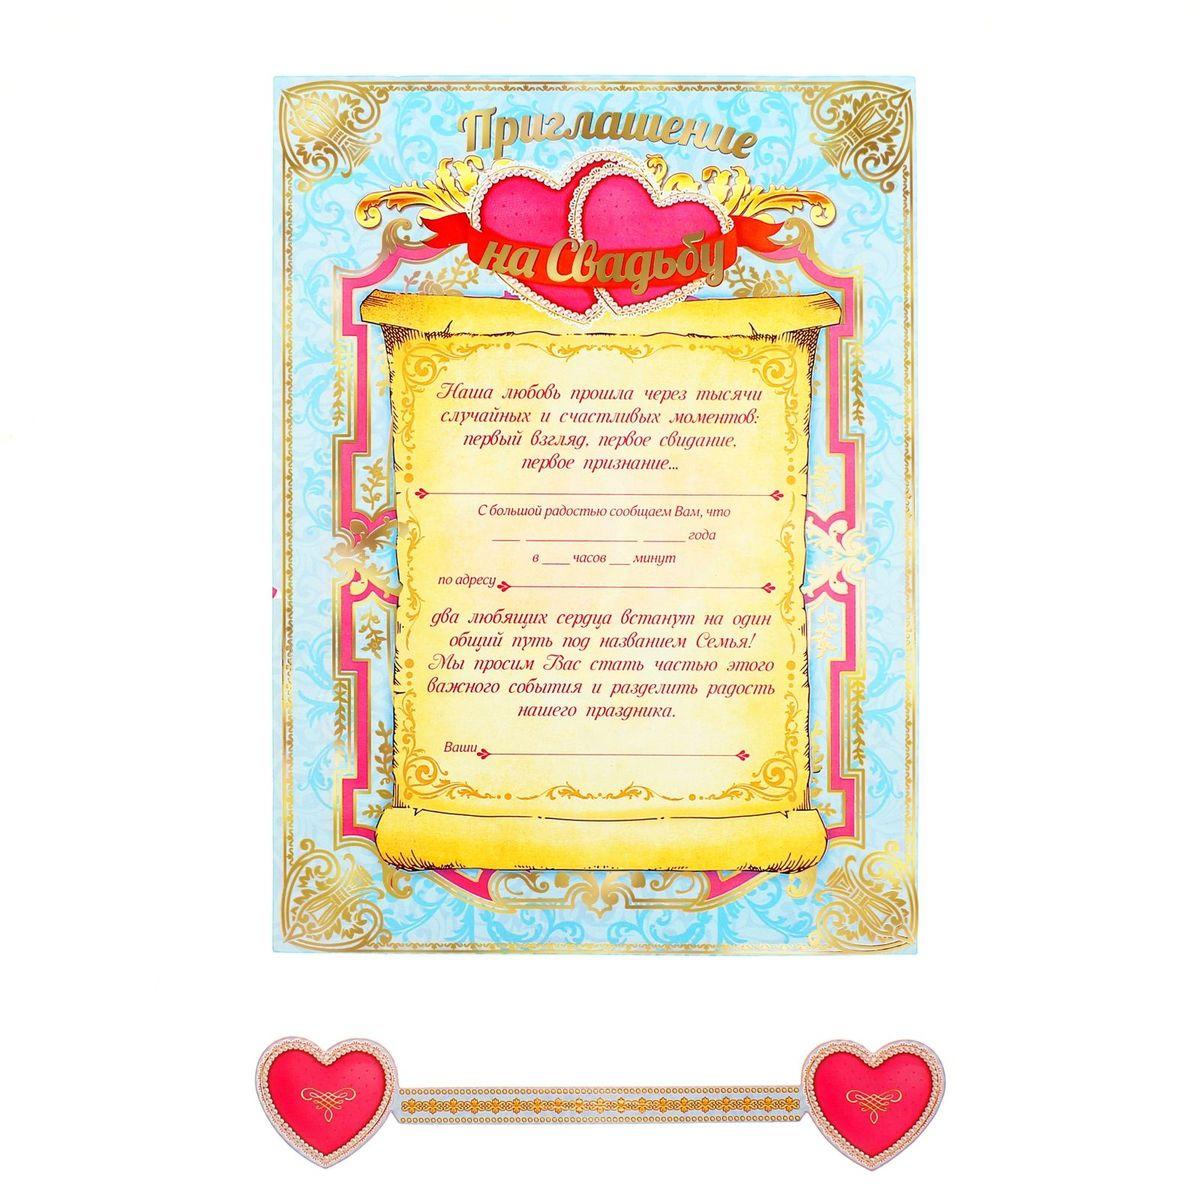 Приглашение на свадьбу Sima-land Союз сердец, 17 х 23,5 см143336Традиции свадебного обряда уходят корнями в далекое прошлое, когда многие важные документы, приказы, указы, послания передавались в форме свитков. Добавить оригинальность и показать верность традициям поможет свадебное приглашение-свиток Sima-land Союз сердец. В комплект входит элегантная лента, которая дополнительно украсит и скрепит свиток. Яркие цвета, золотистые элементы, традиционные свадебные мотивы и орнамент подойдут вам, если вы планируете оформить свадьбу в ярких тонах. Внутри свитка - текст приглашения с теплыми словами для адресата. Вам остается заполнить необходимые строки и раздать гостям.Устройте себе незабываемую свадьбу!